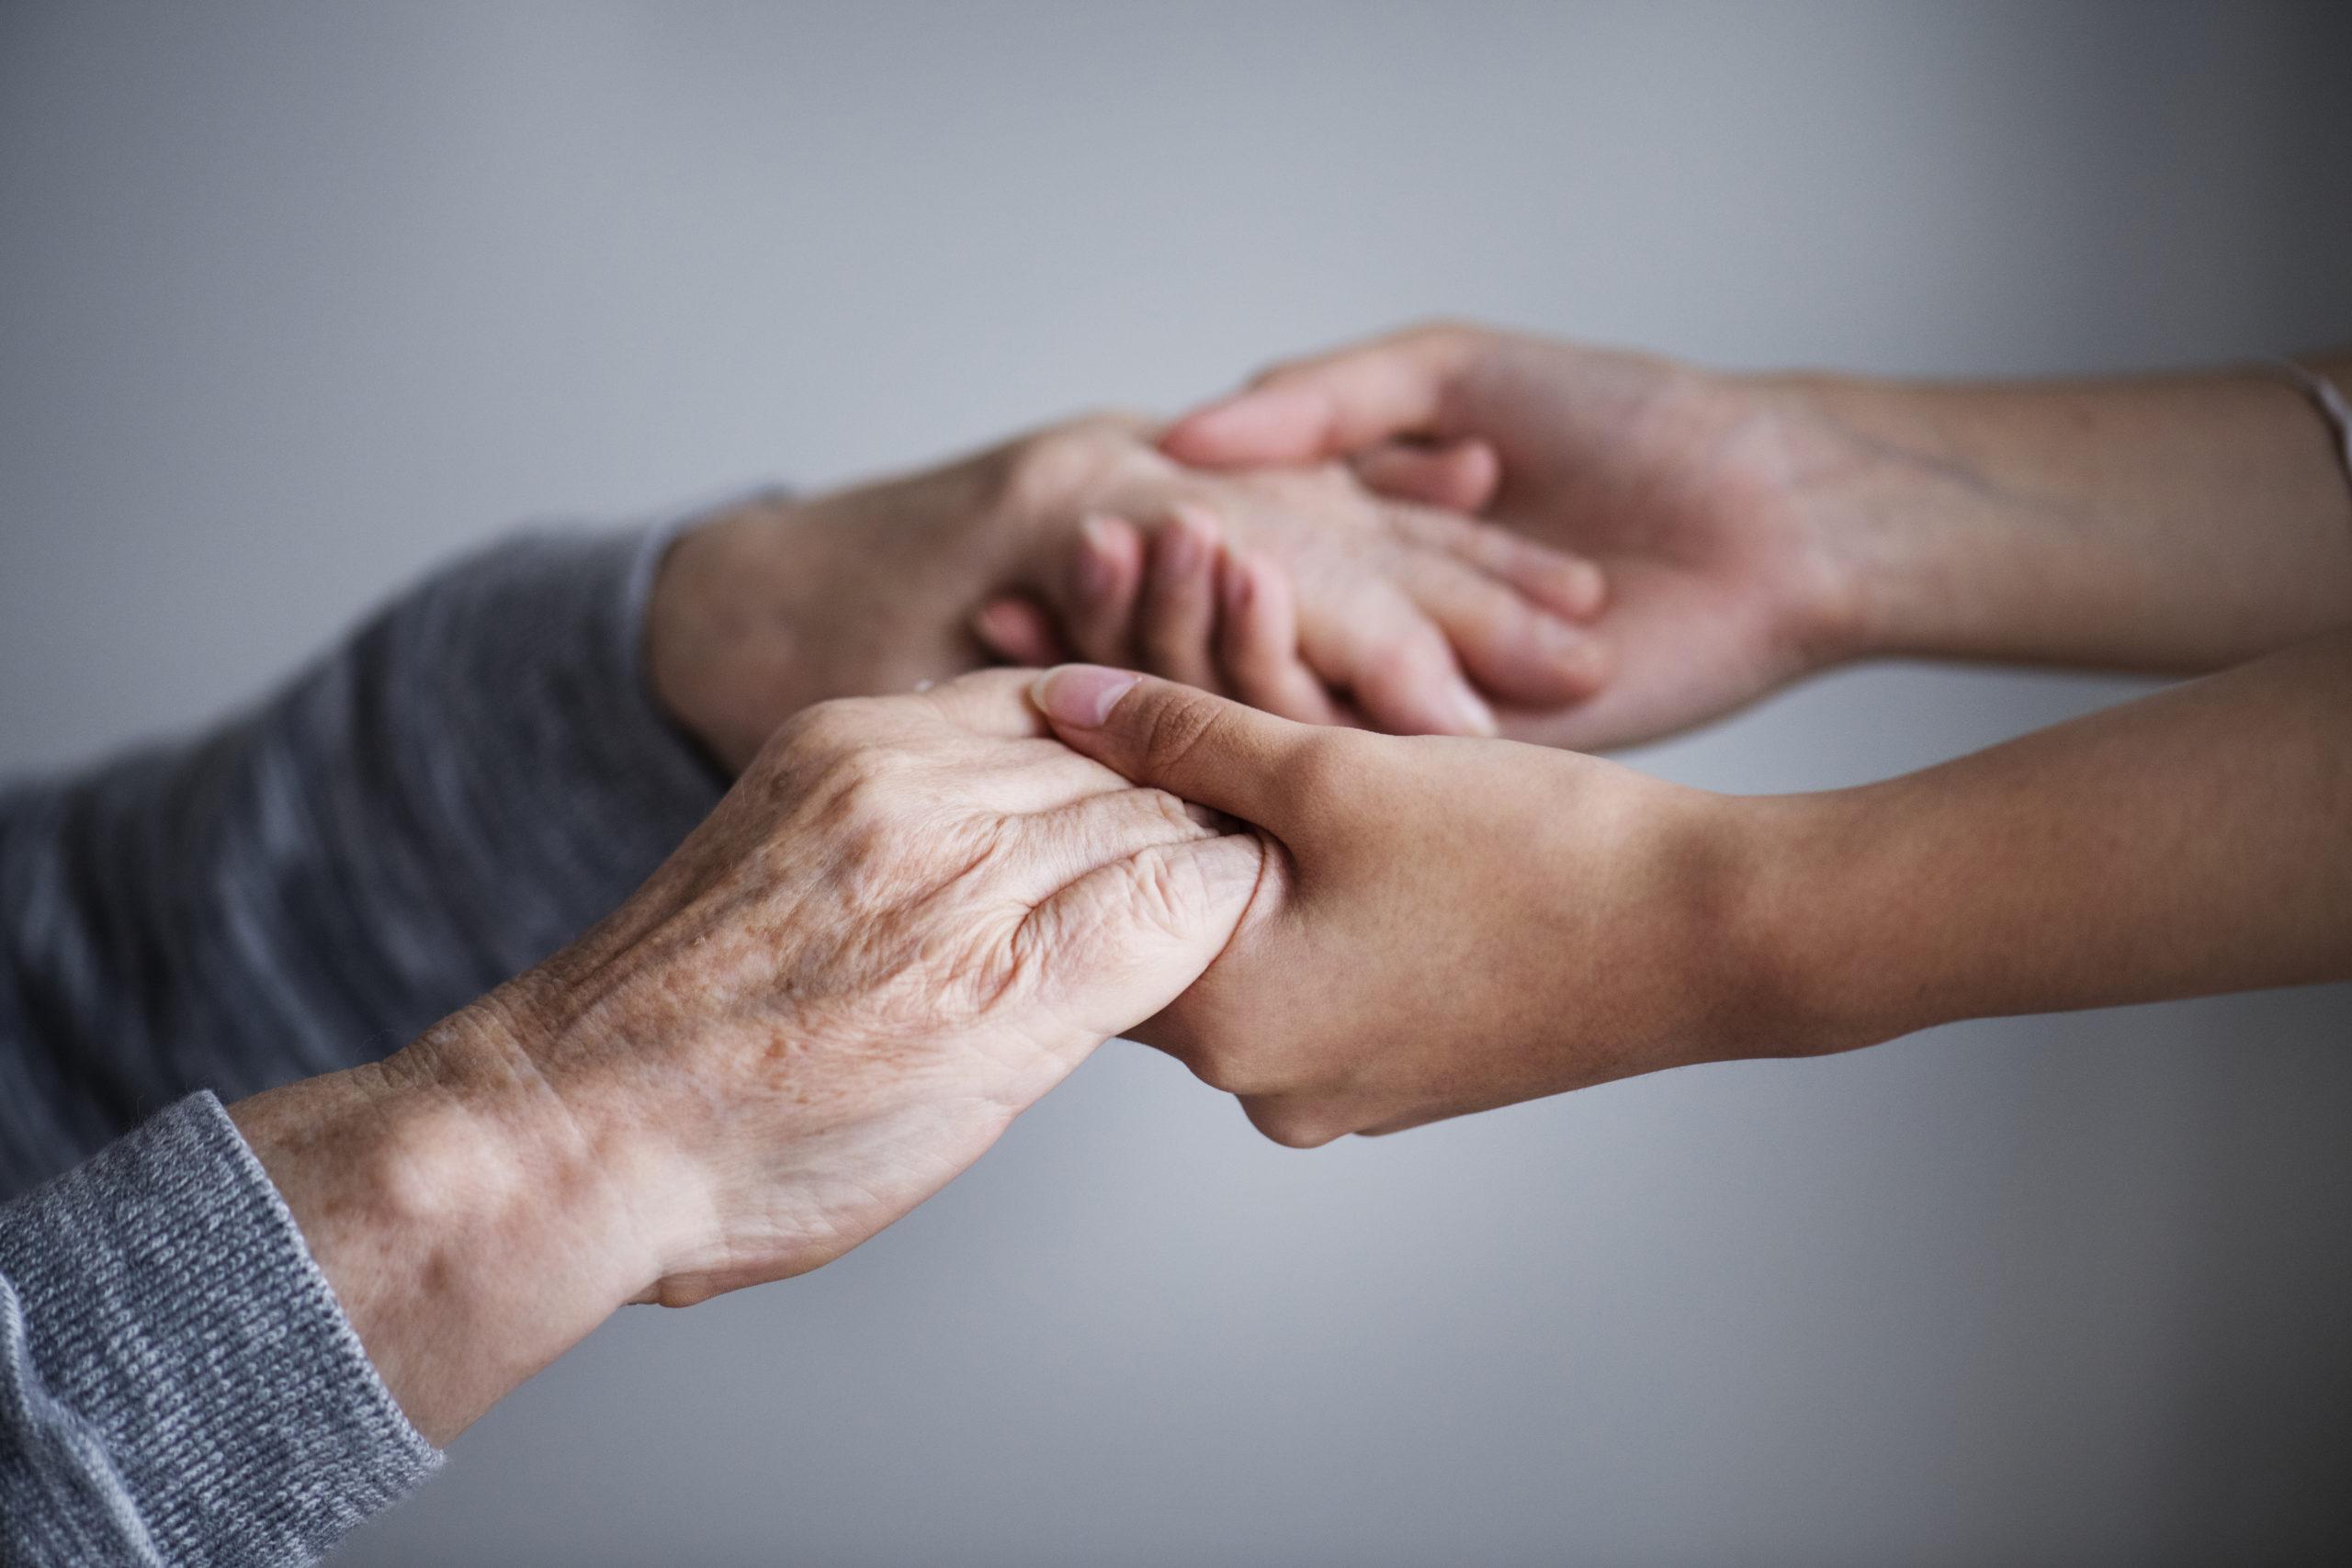 เติมความสดใสกับ「 #5 วิธีดูแลสุขภาพผู้สูงอายุ」 แข็งแรงทั้งร่างกายและจิตใจ